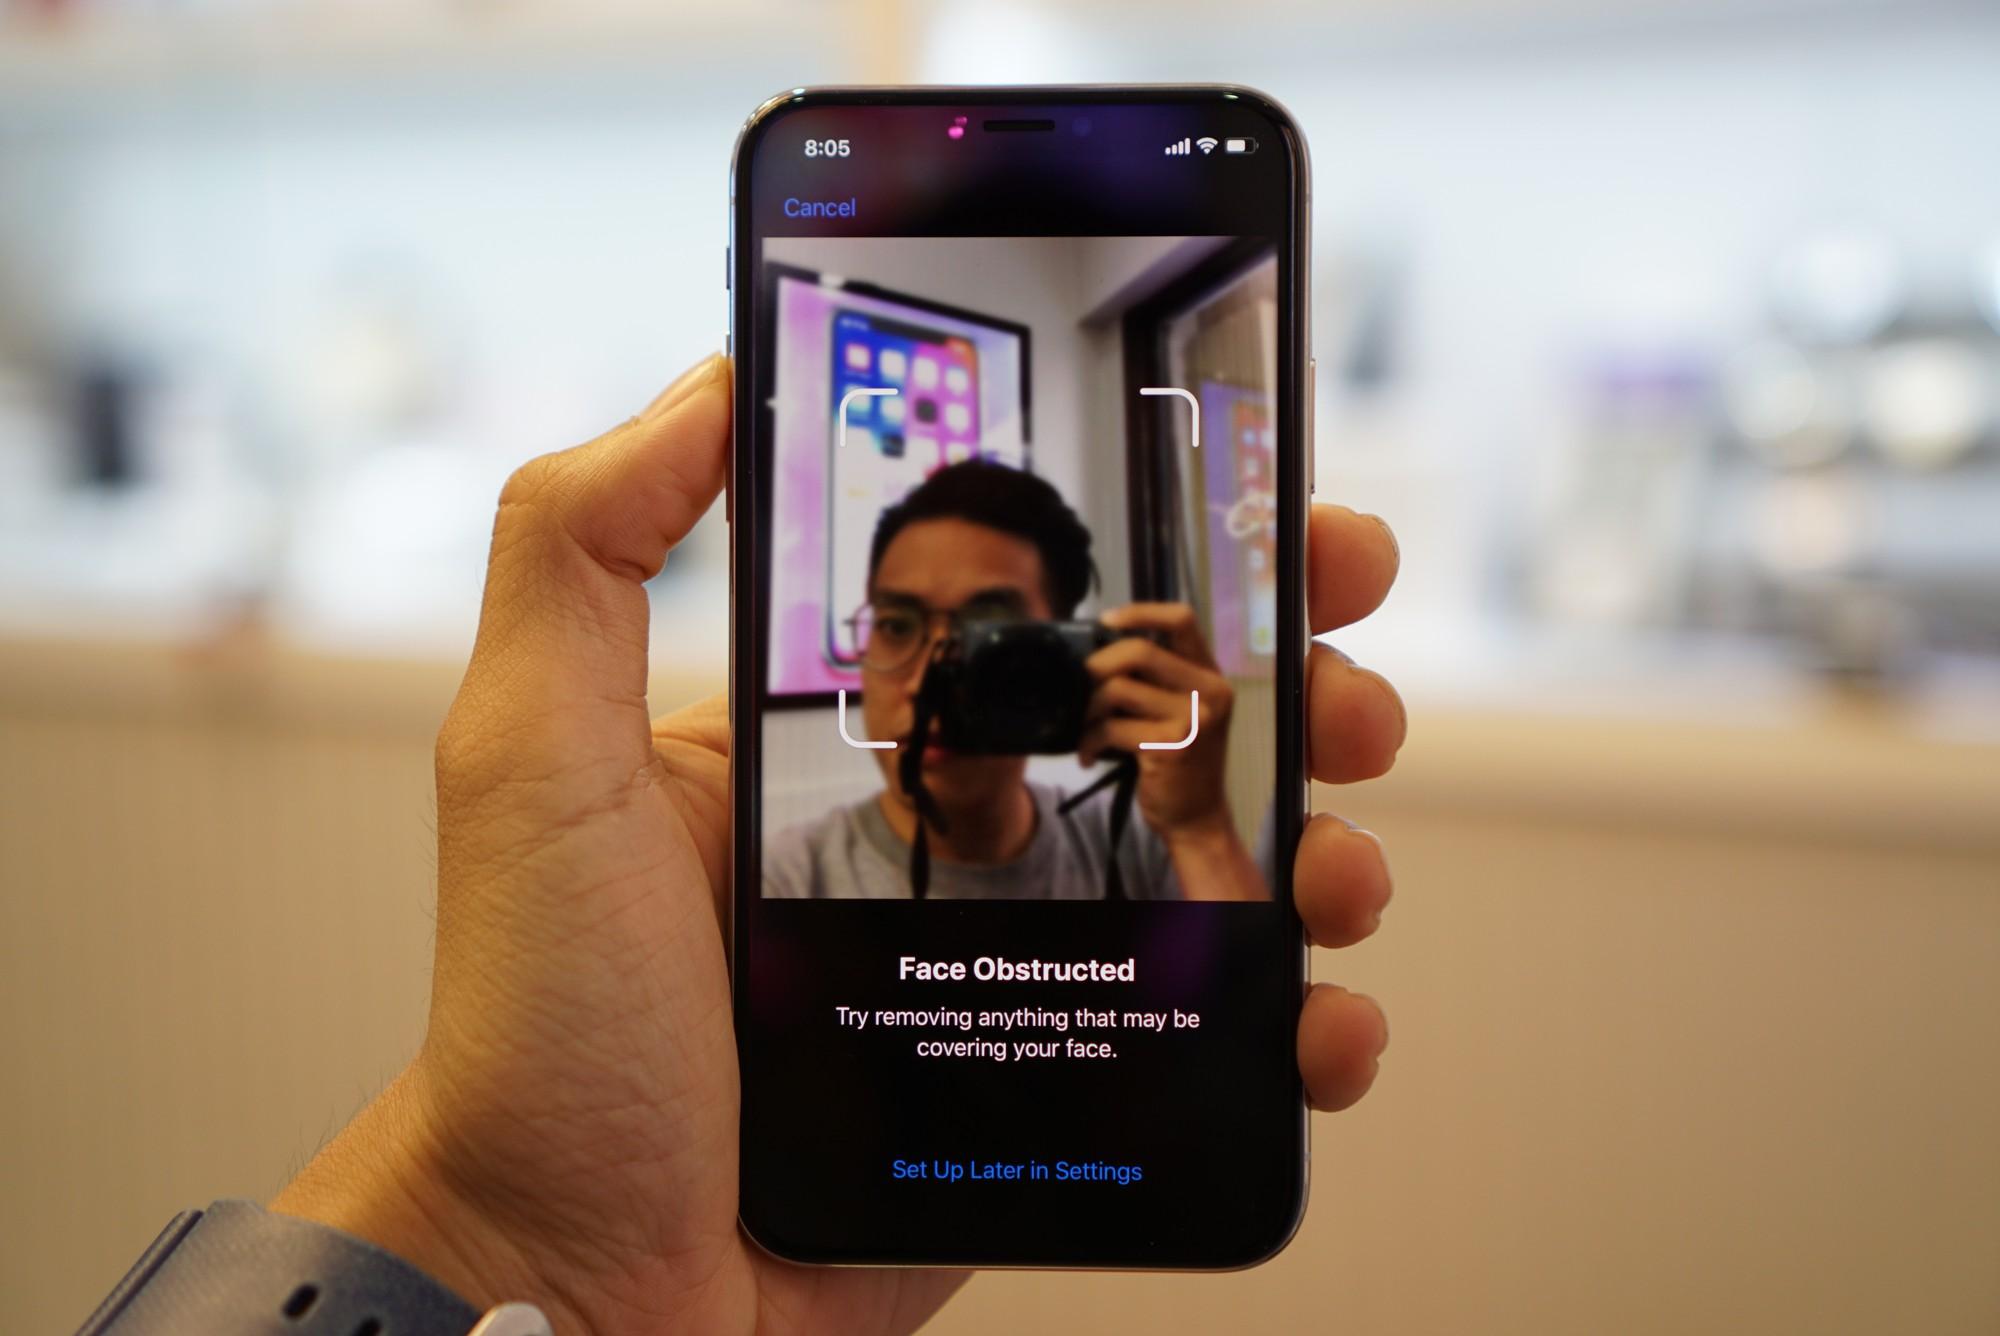 iPhone X giá 68 triệu đây rồi: Màn hình đẹp sắc sảo, thiết kế toàn diện, thao tác hoàn toàn mới 11